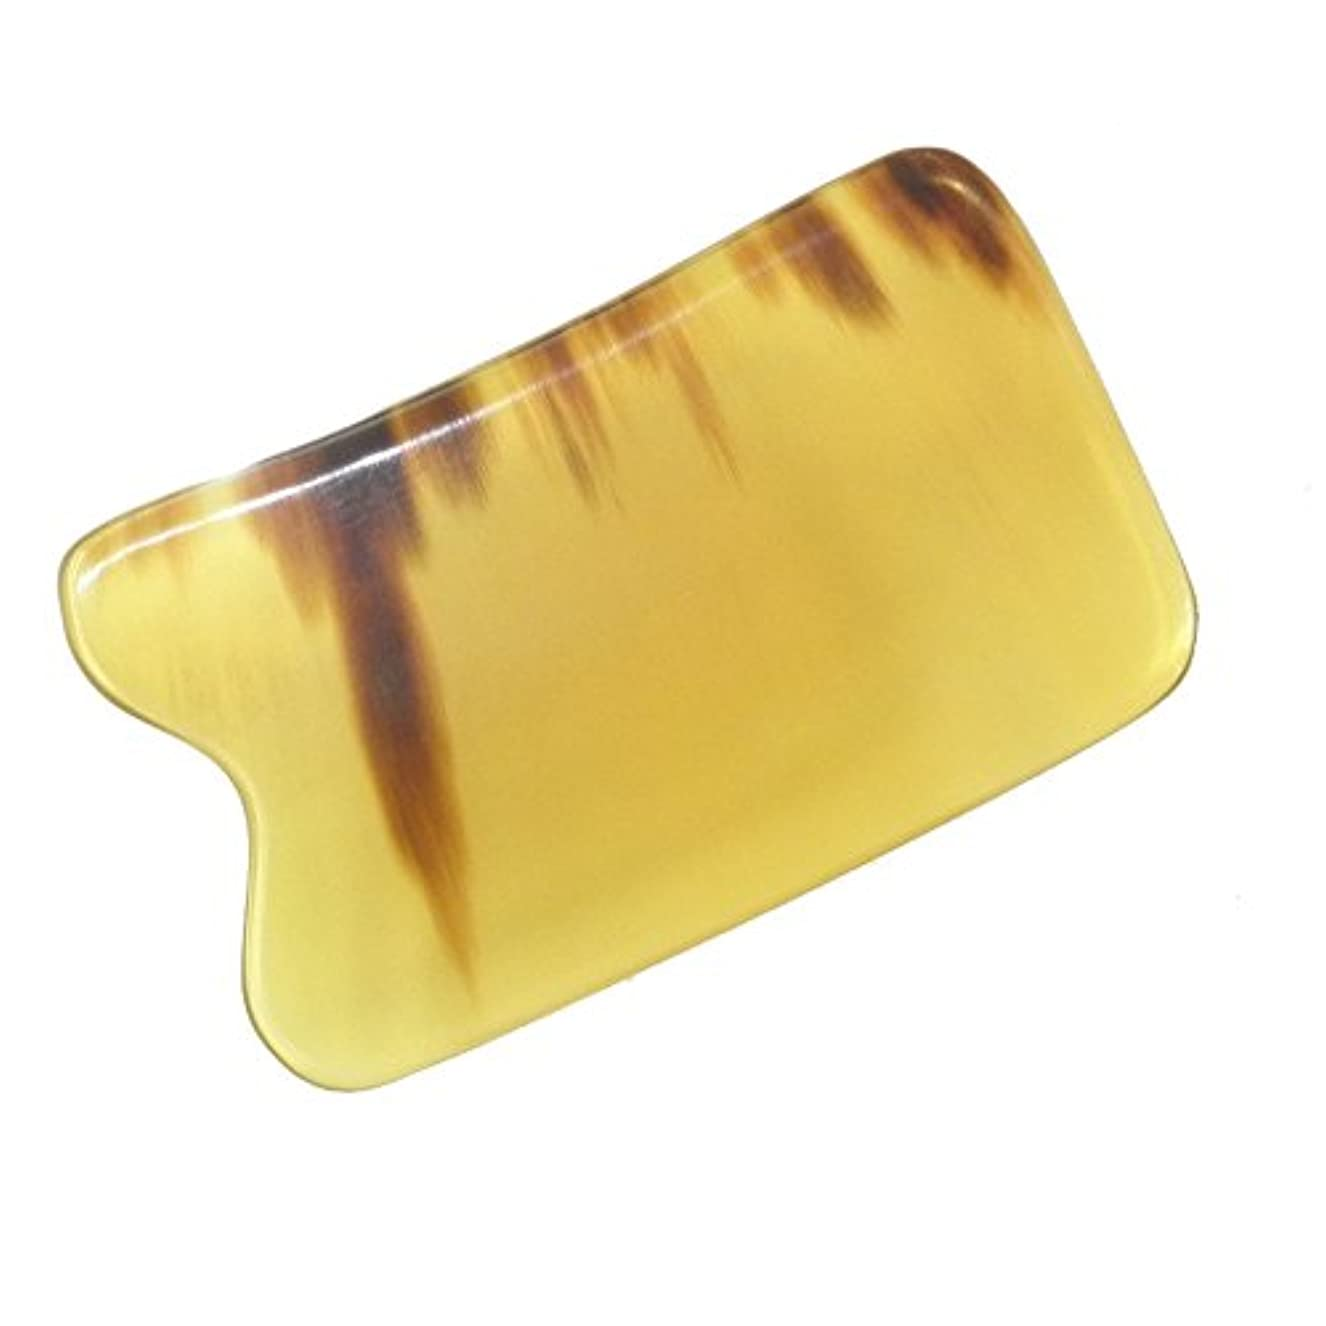 絶滅させるパッチ資産かっさ プレート 厚さが選べる 水牛の角(黄水牛角) EHE219SP 四角凹 特級品 少し薄め(4ミリ程度)